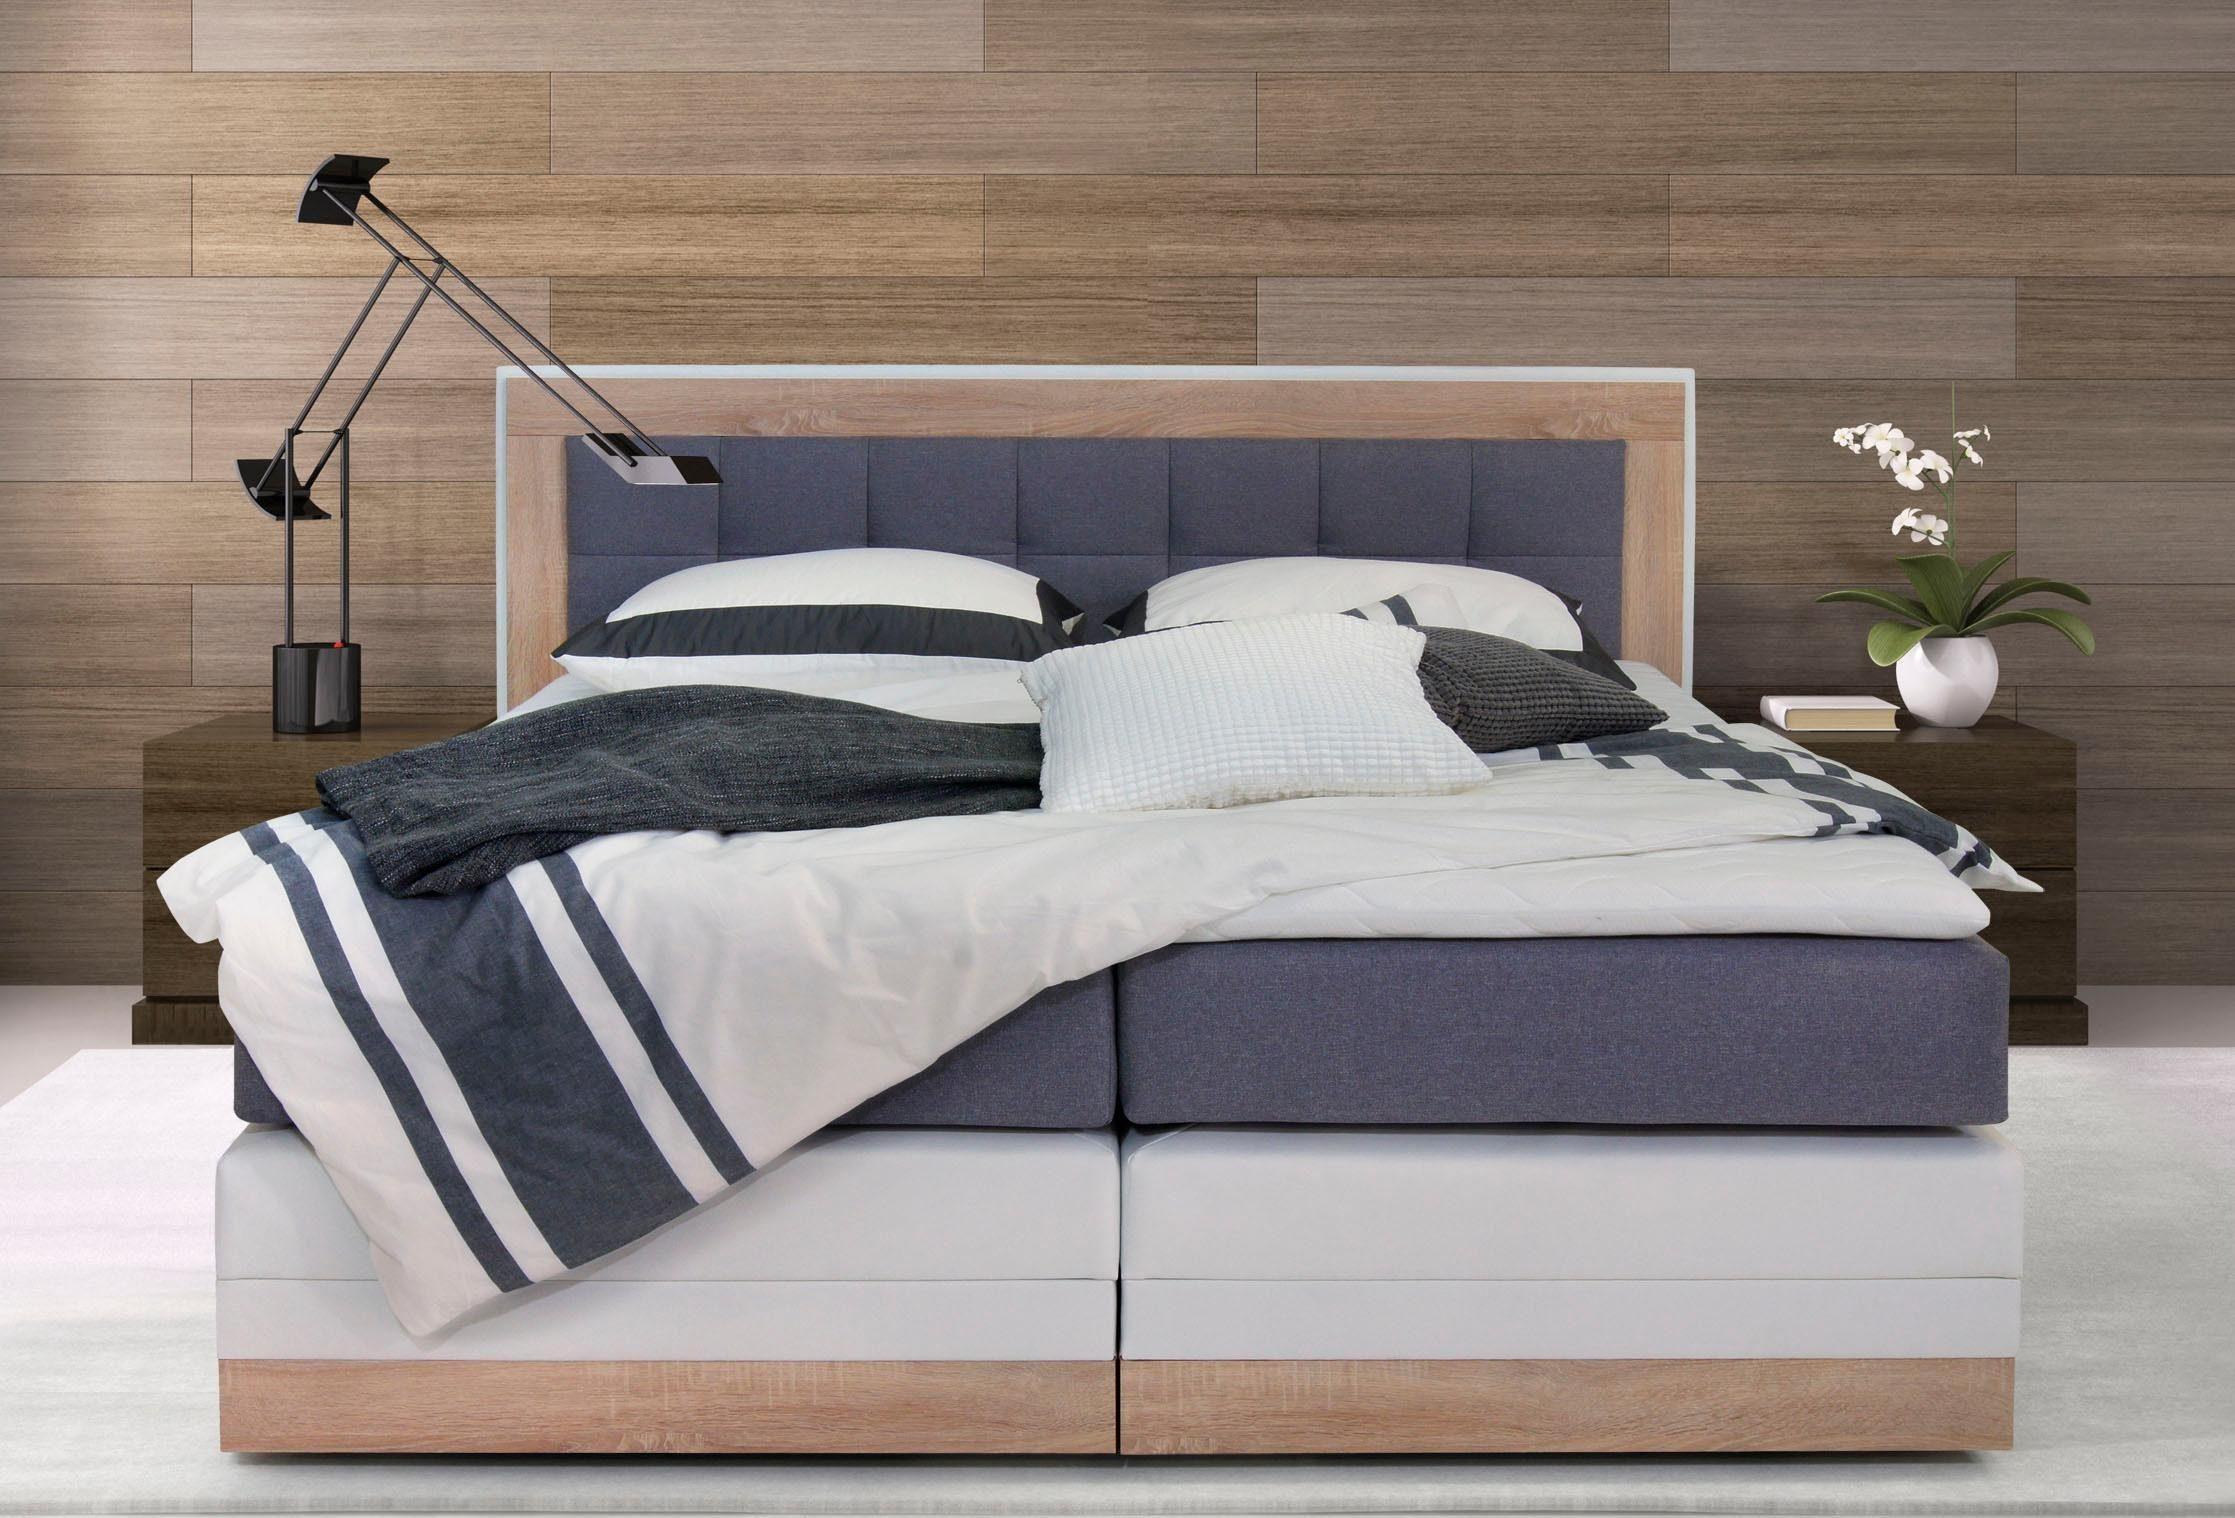 Hoofdbord bed hout amazing hoofdbord with hoofdbord bed hout